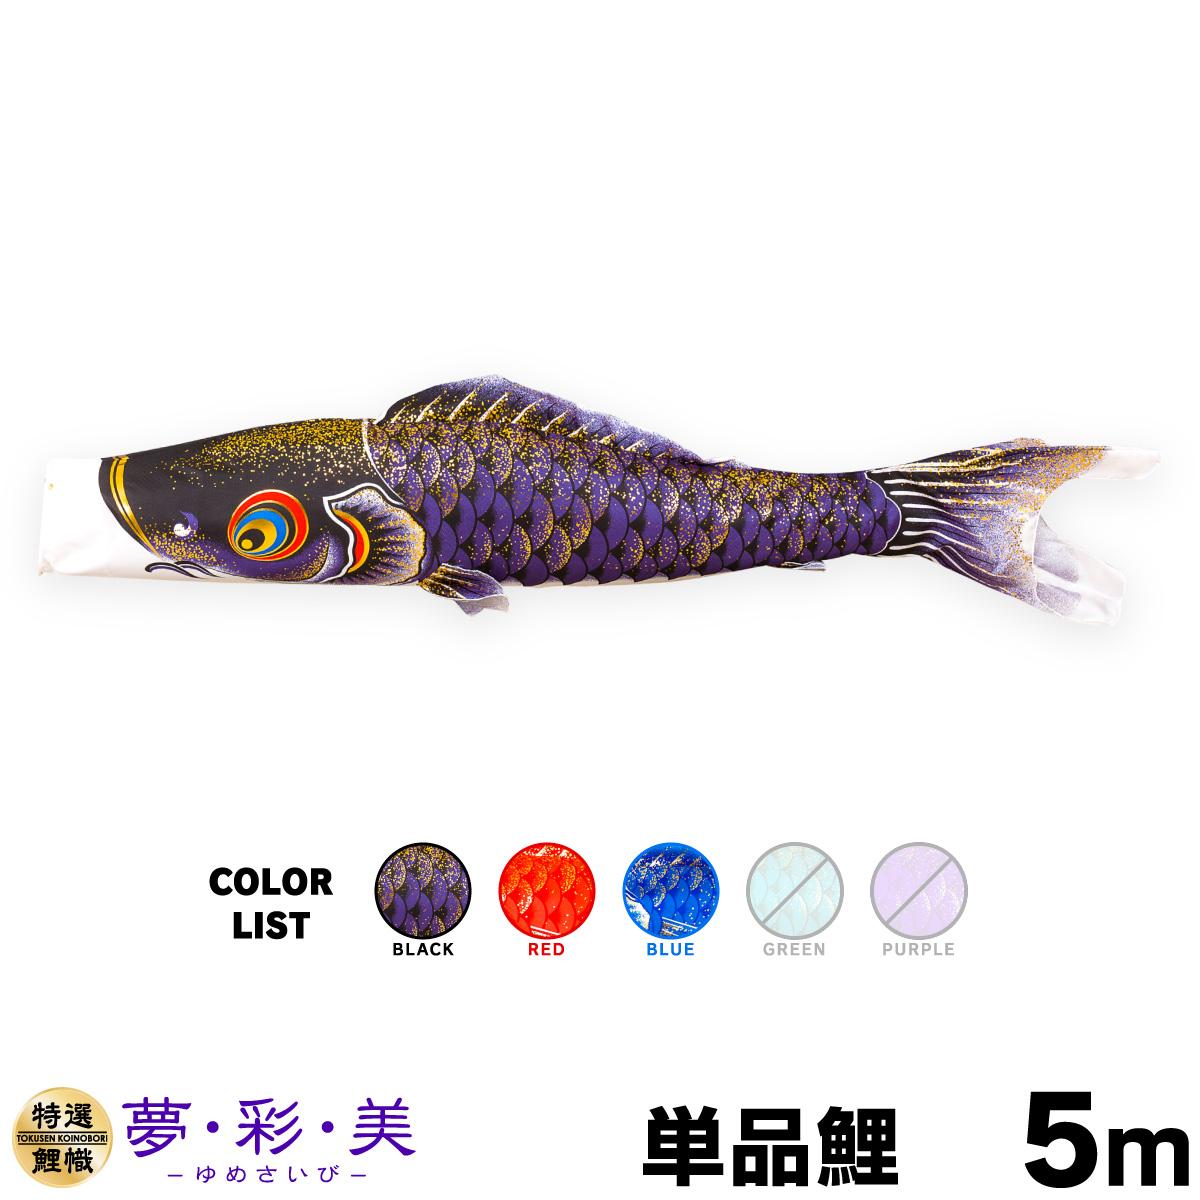 【こいのぼり 単品】 夢・彩・美 ゆめさいび 5m 単品鯉